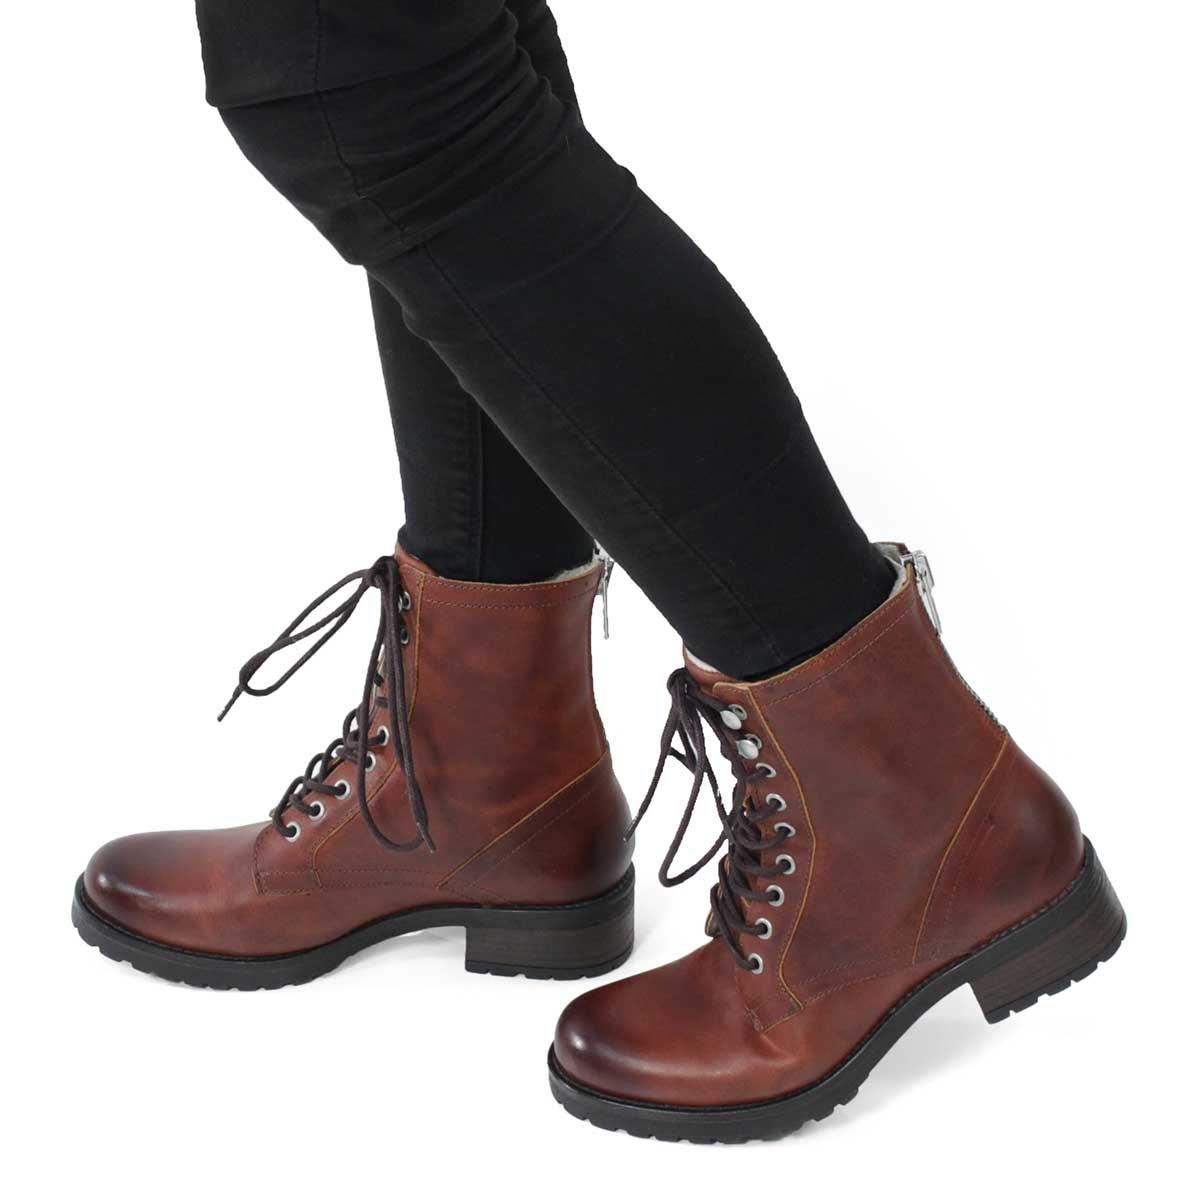 Lds Brionna cognac lace up combat boot